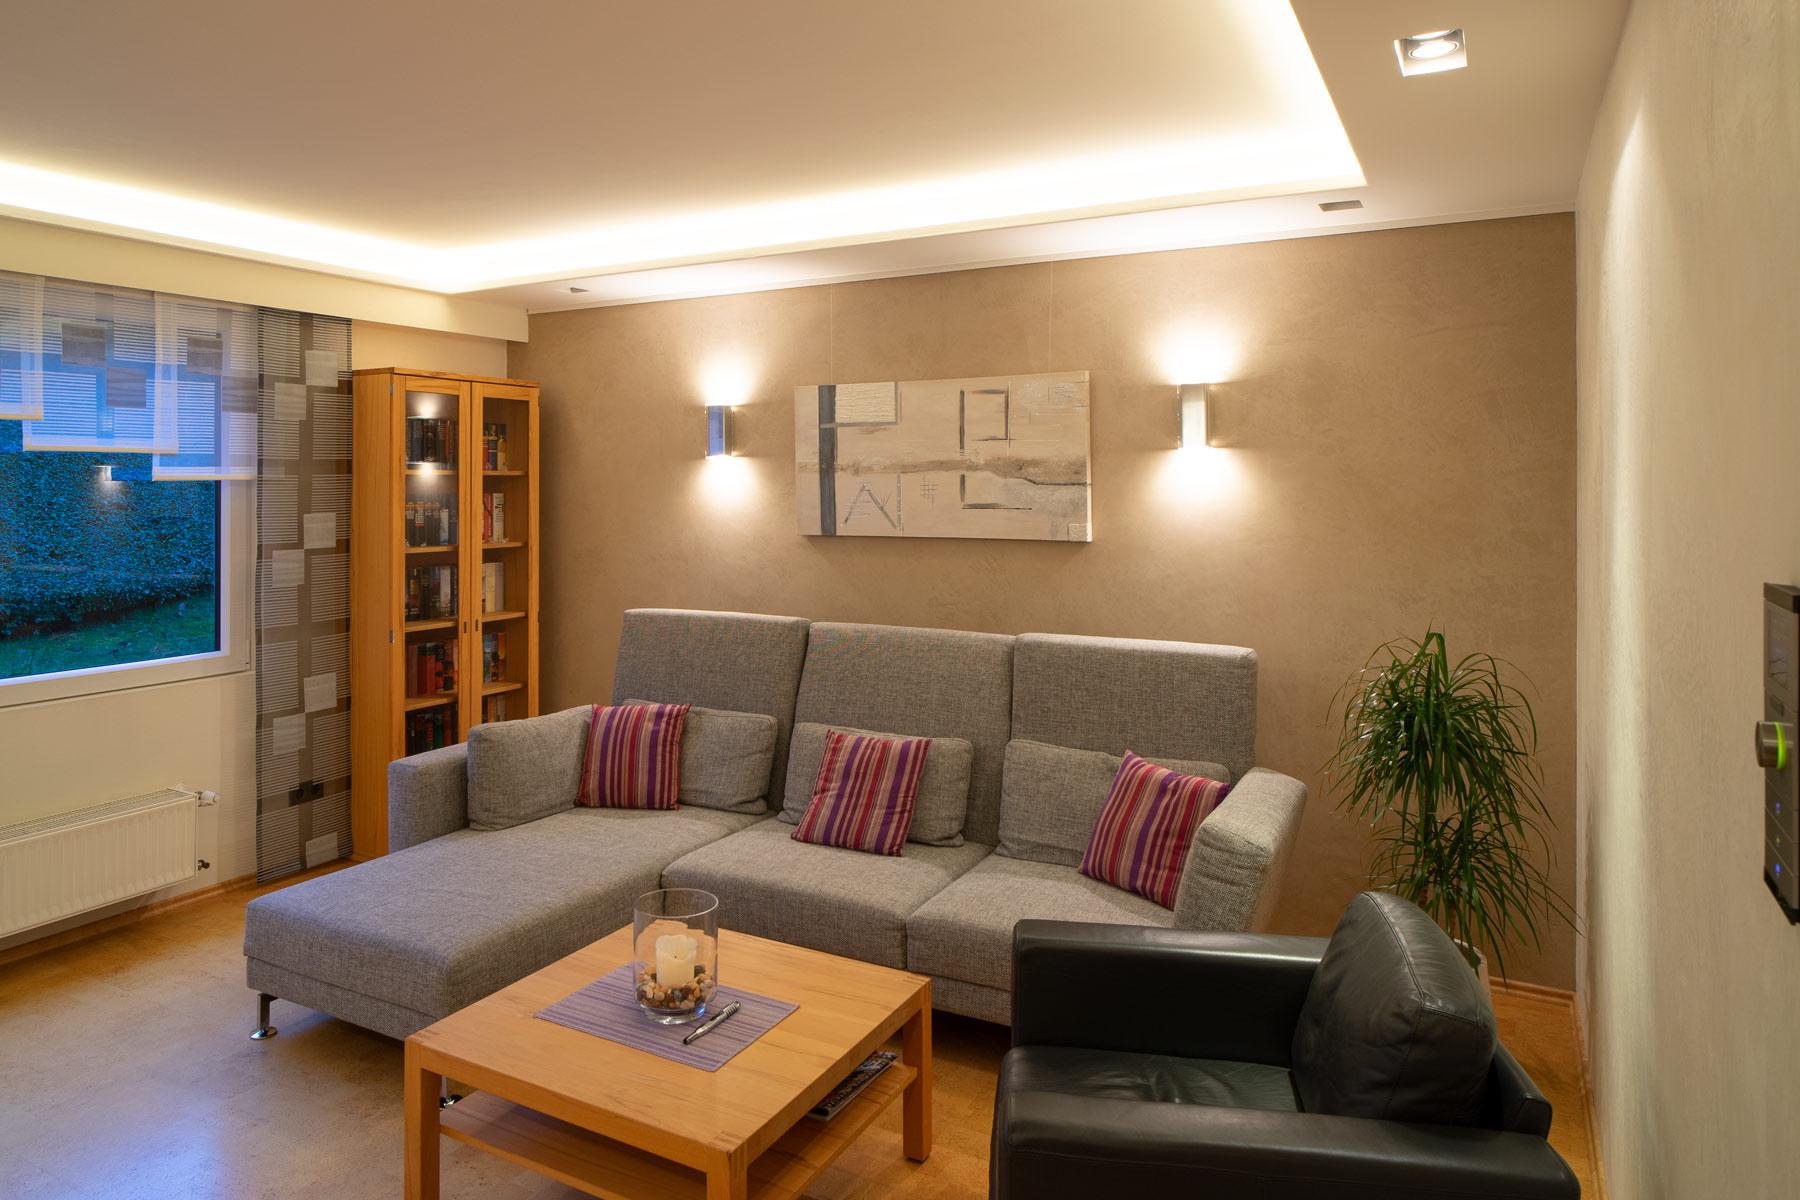 Wohnbereich in Attendorn